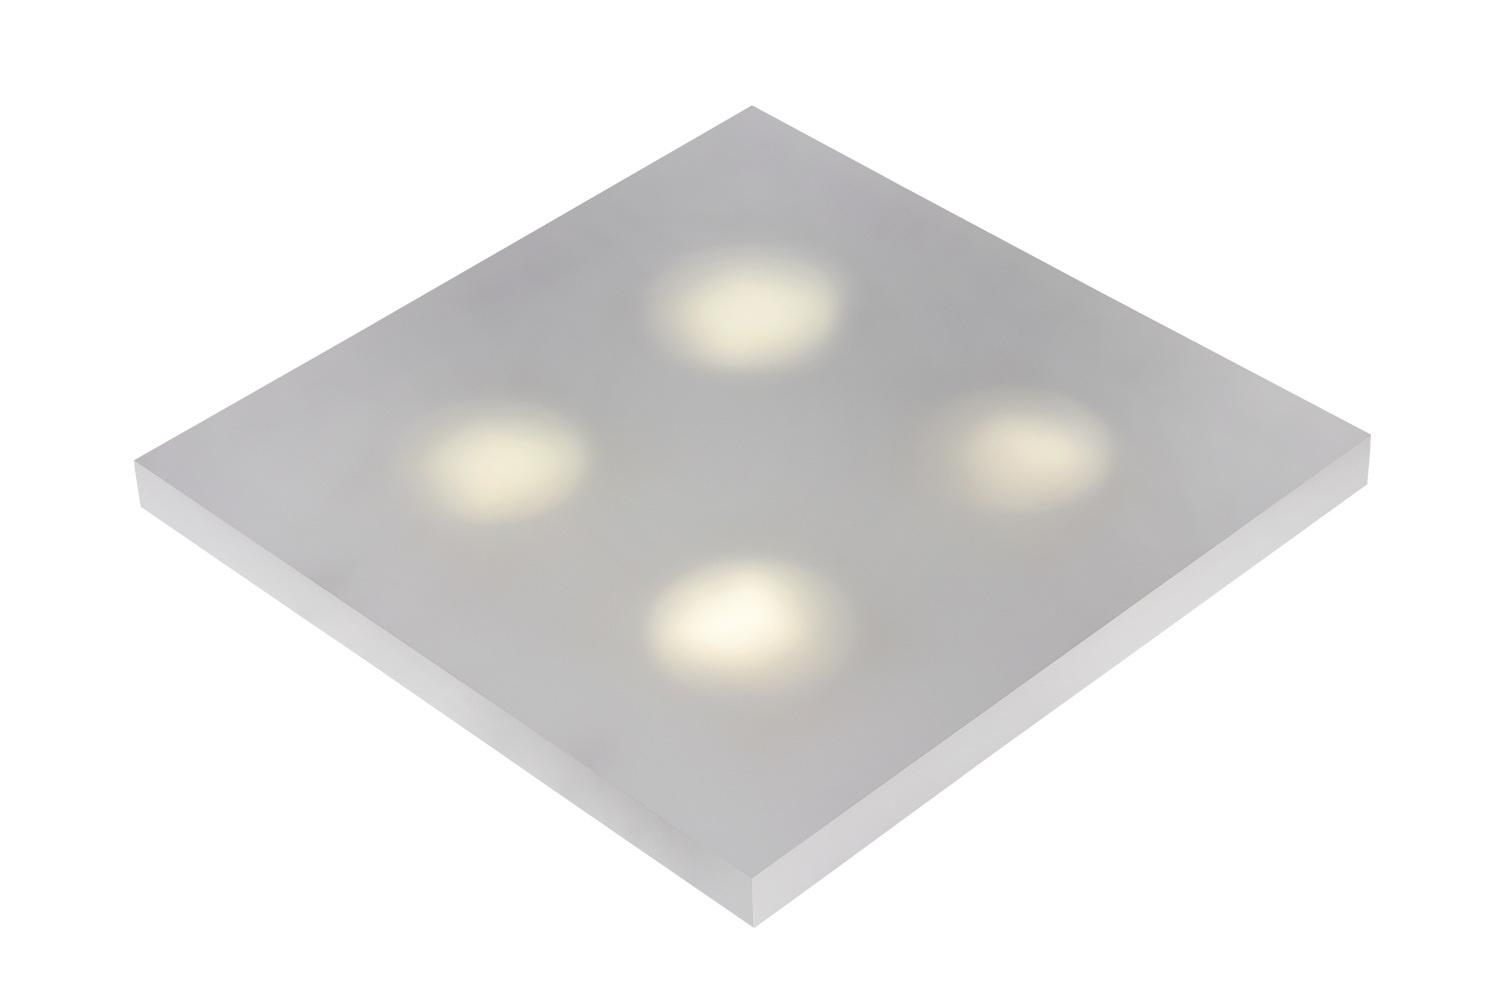 Badkamerlampen kopen